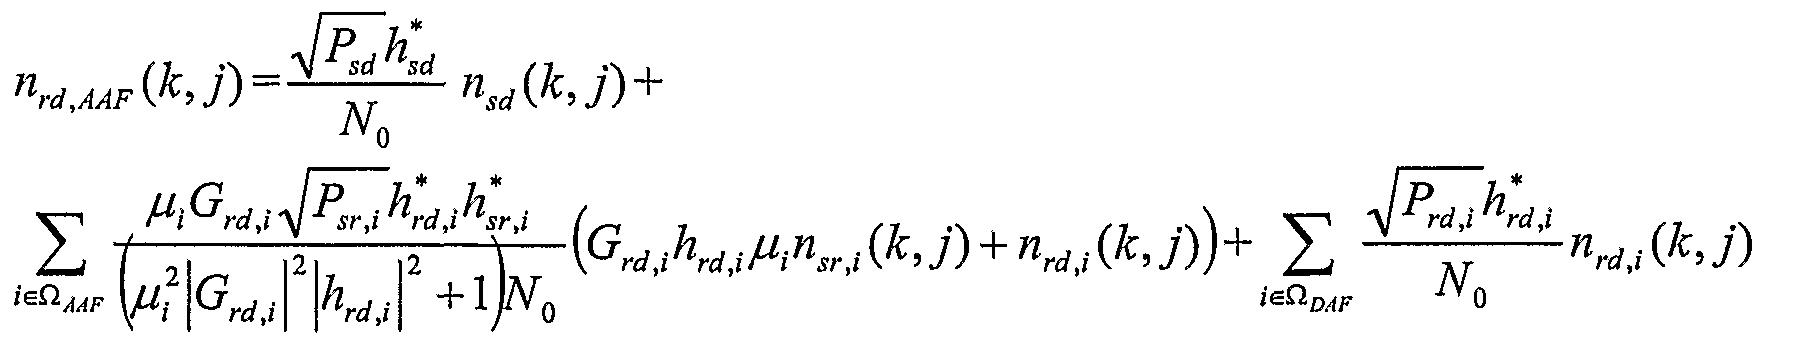 Figure imgf000011_0004